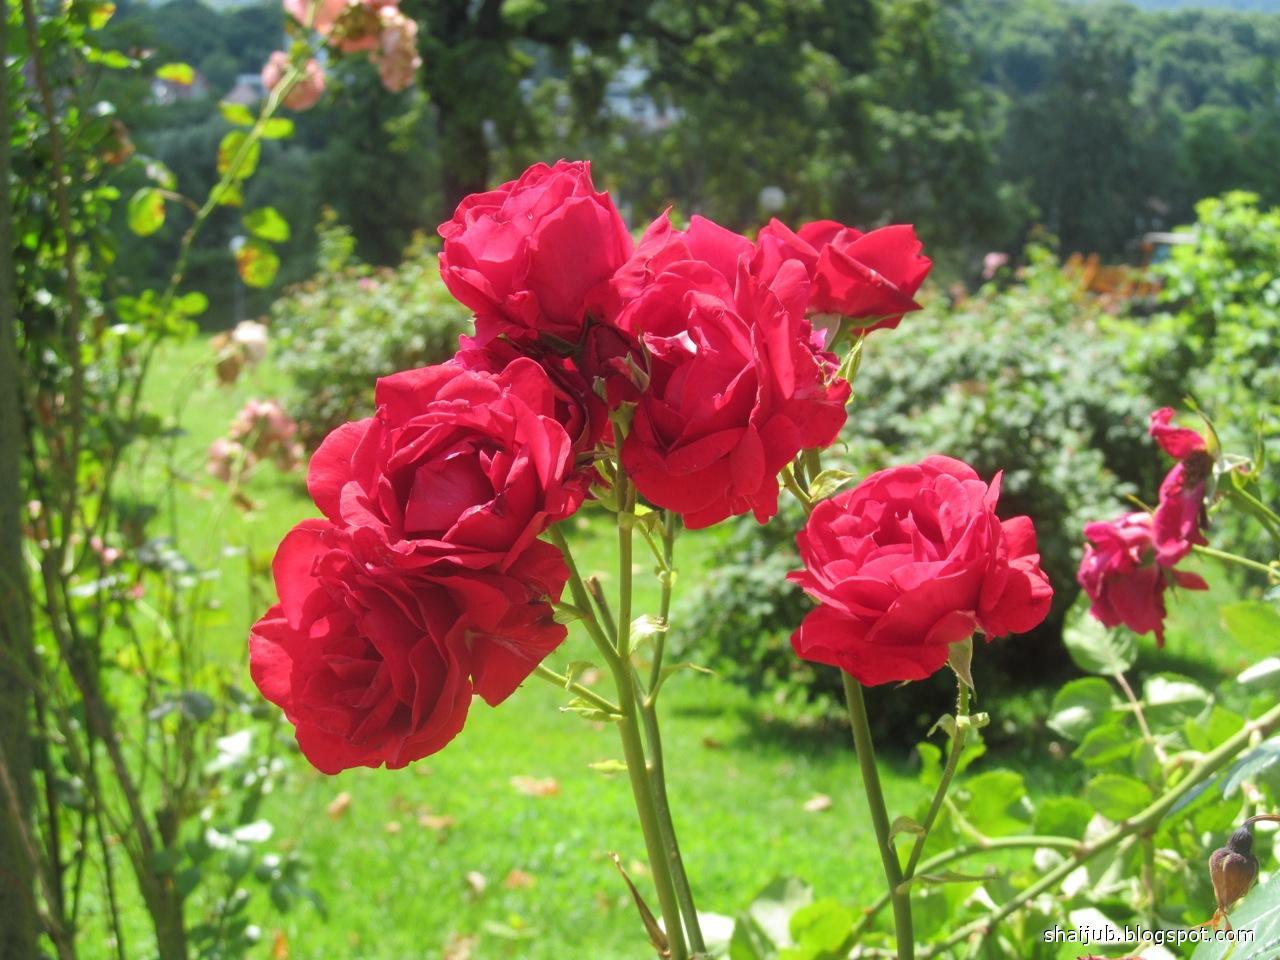 roses for பூக்களைப் பறிக்காதீர் கவிதை